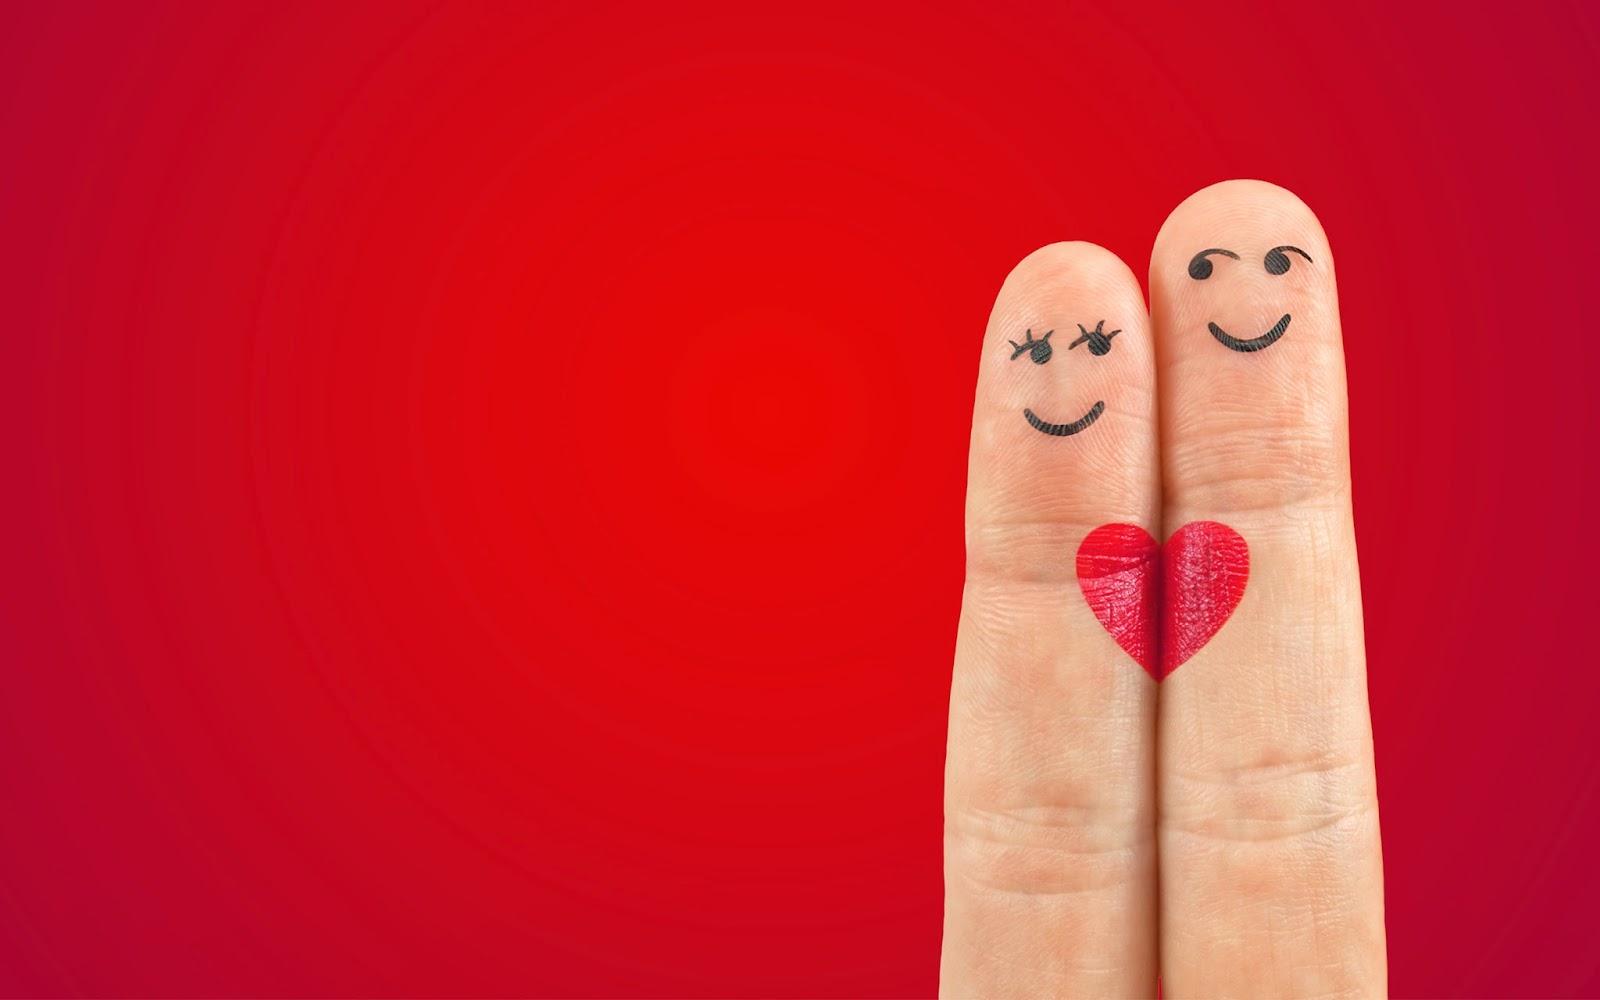 Tổng hợp những status hay nhất về tình yêu và cuôc sống